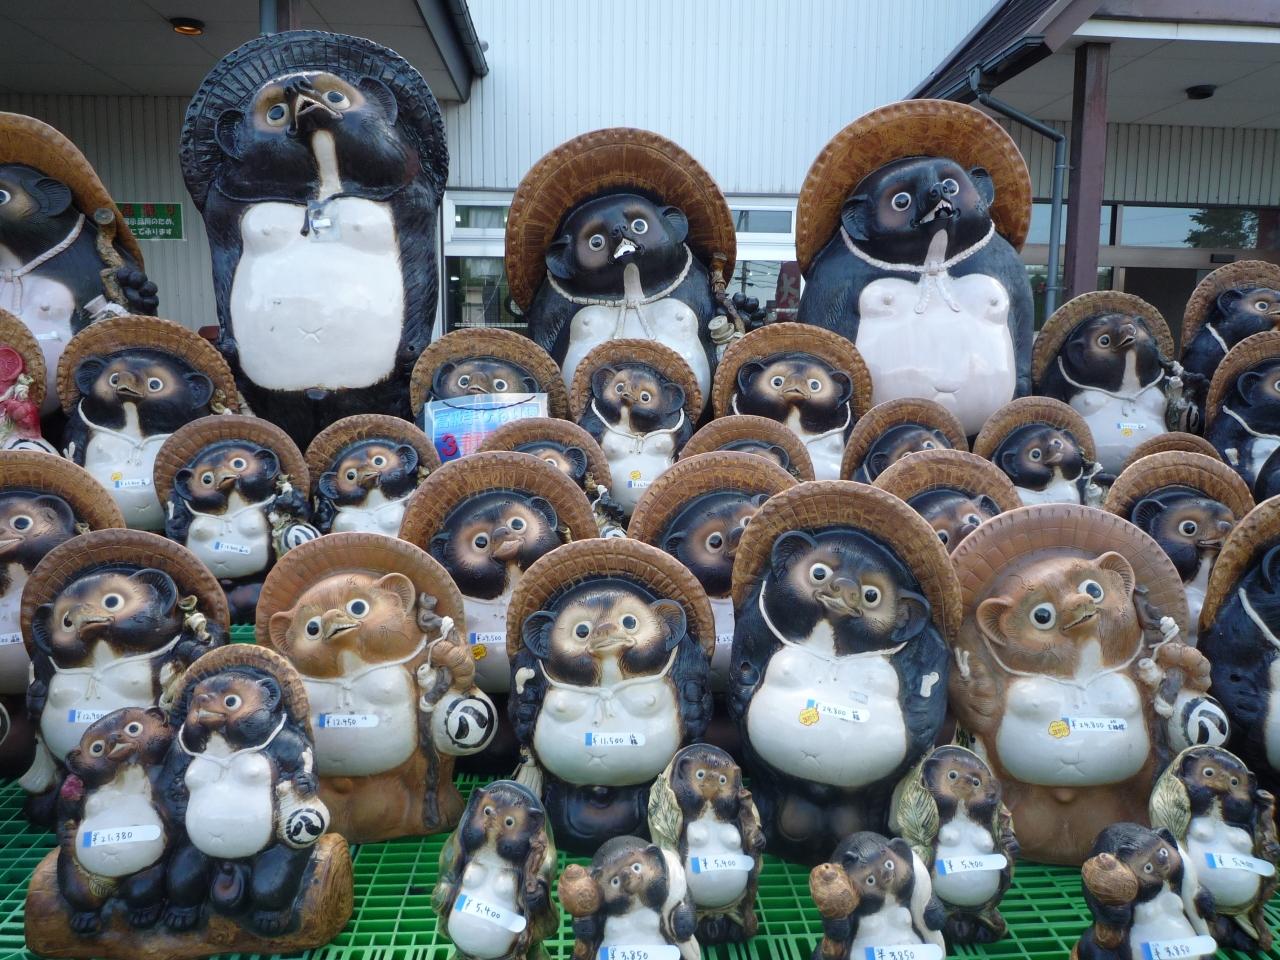 信楽は滋賀観光人気の穴場!おすすめの名所やスポットをご紹介!